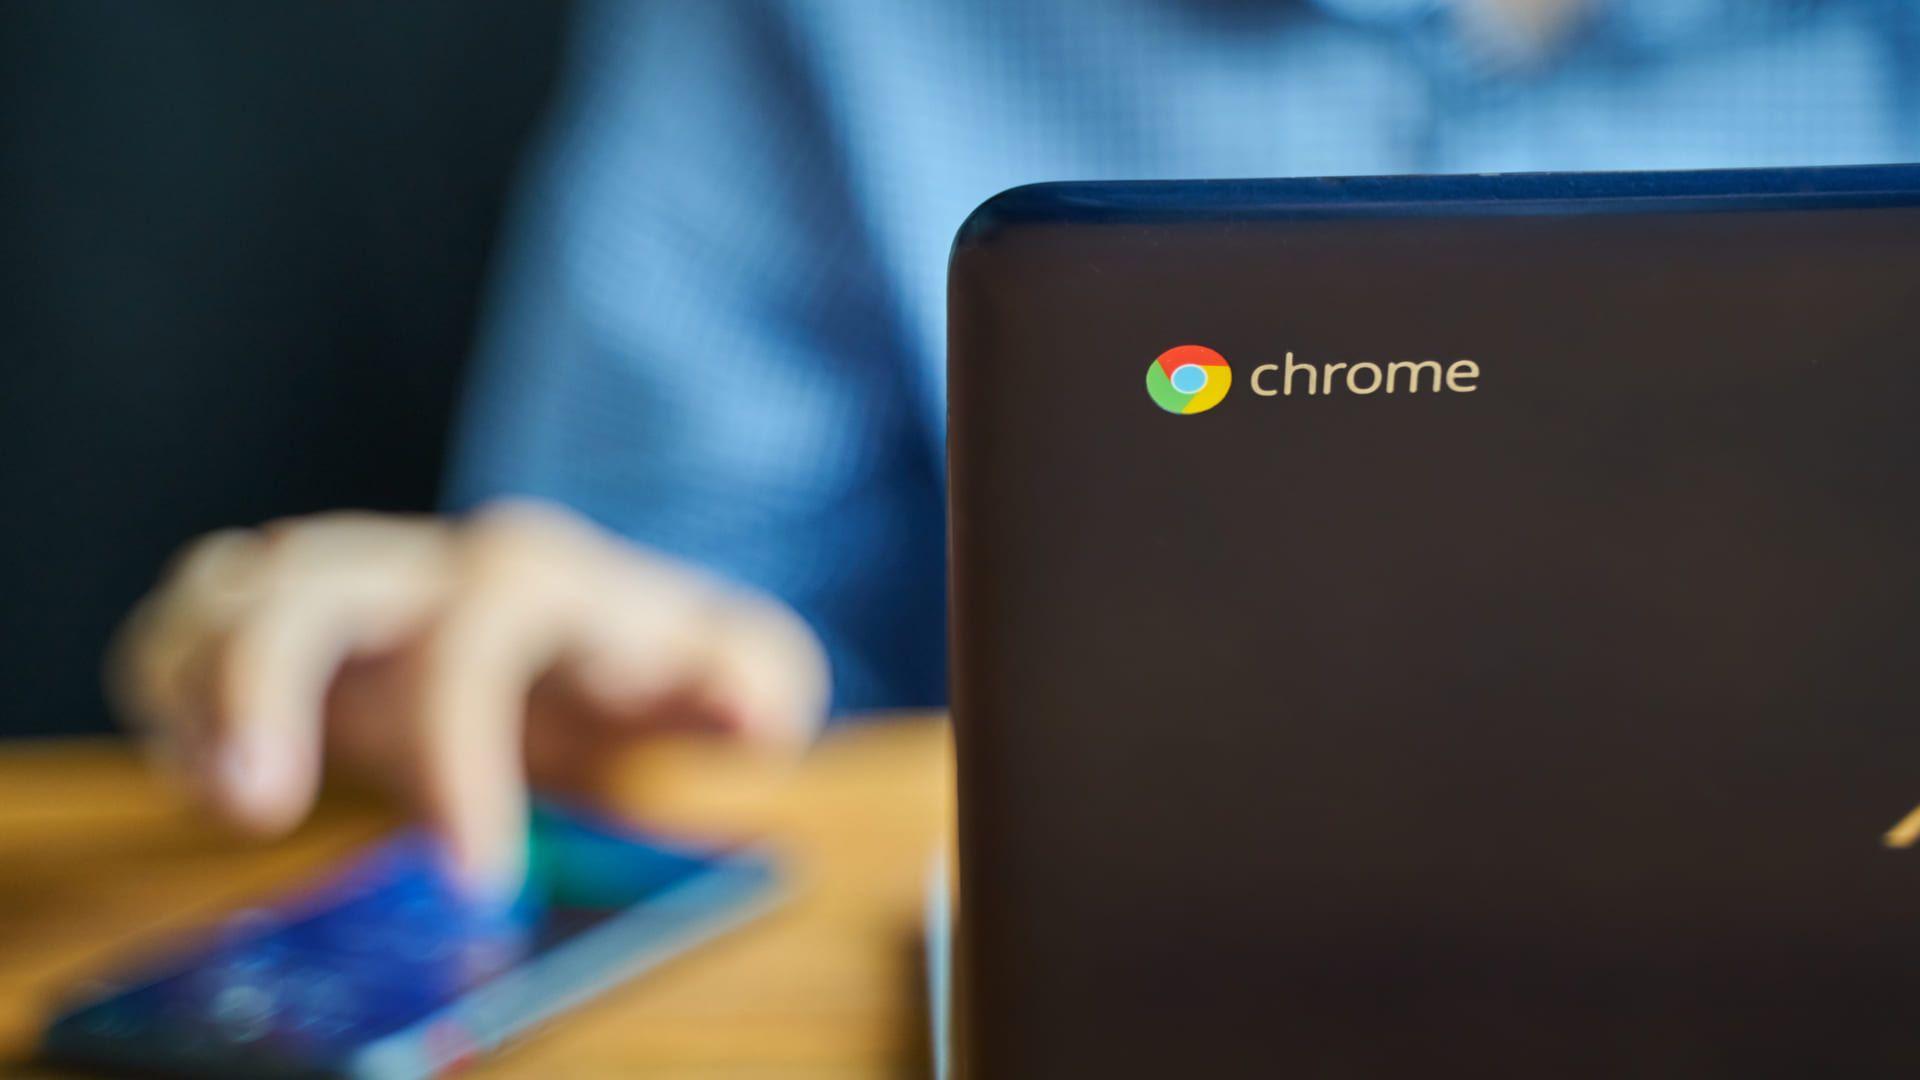 Os netbooks deram espaço para os Chromebooks (Konstantin Savusia/Shutterstock)